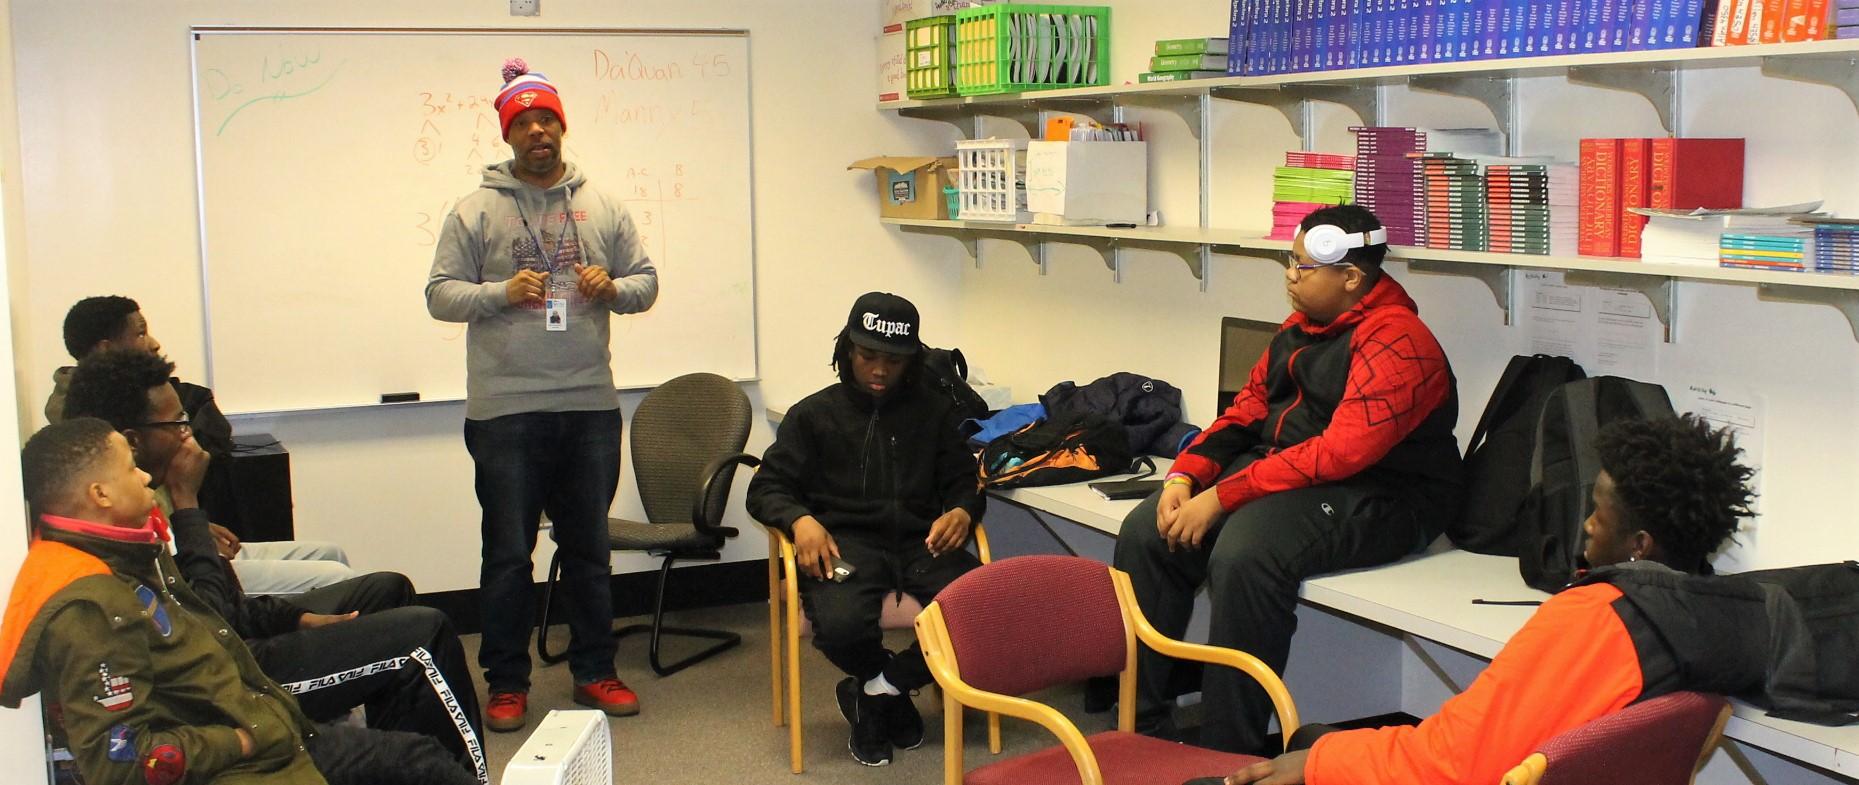 New Lens Urban Mentoring Society 00.JPG